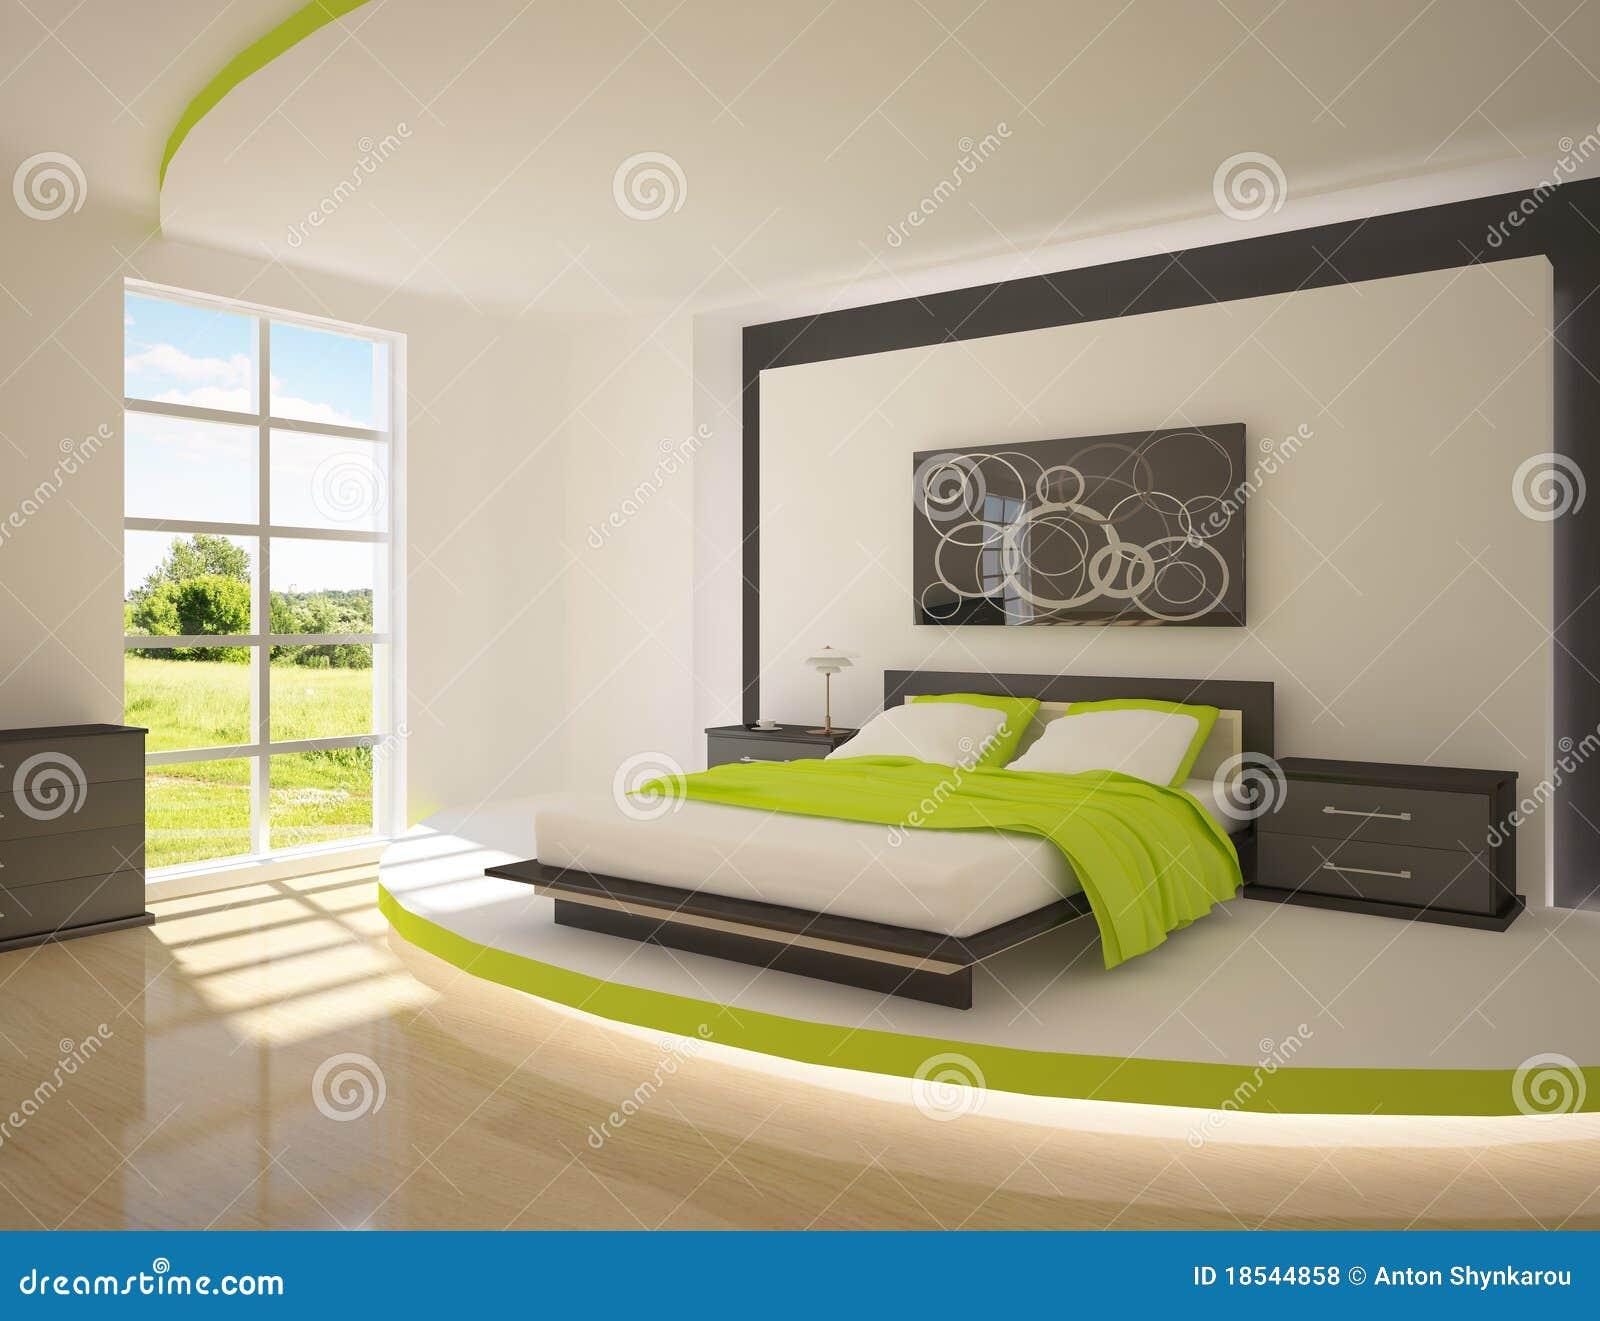 Sypialni ziele zdj cia royalty free obraz 18544858 - Eigentijdse stijl slaapkamer ...